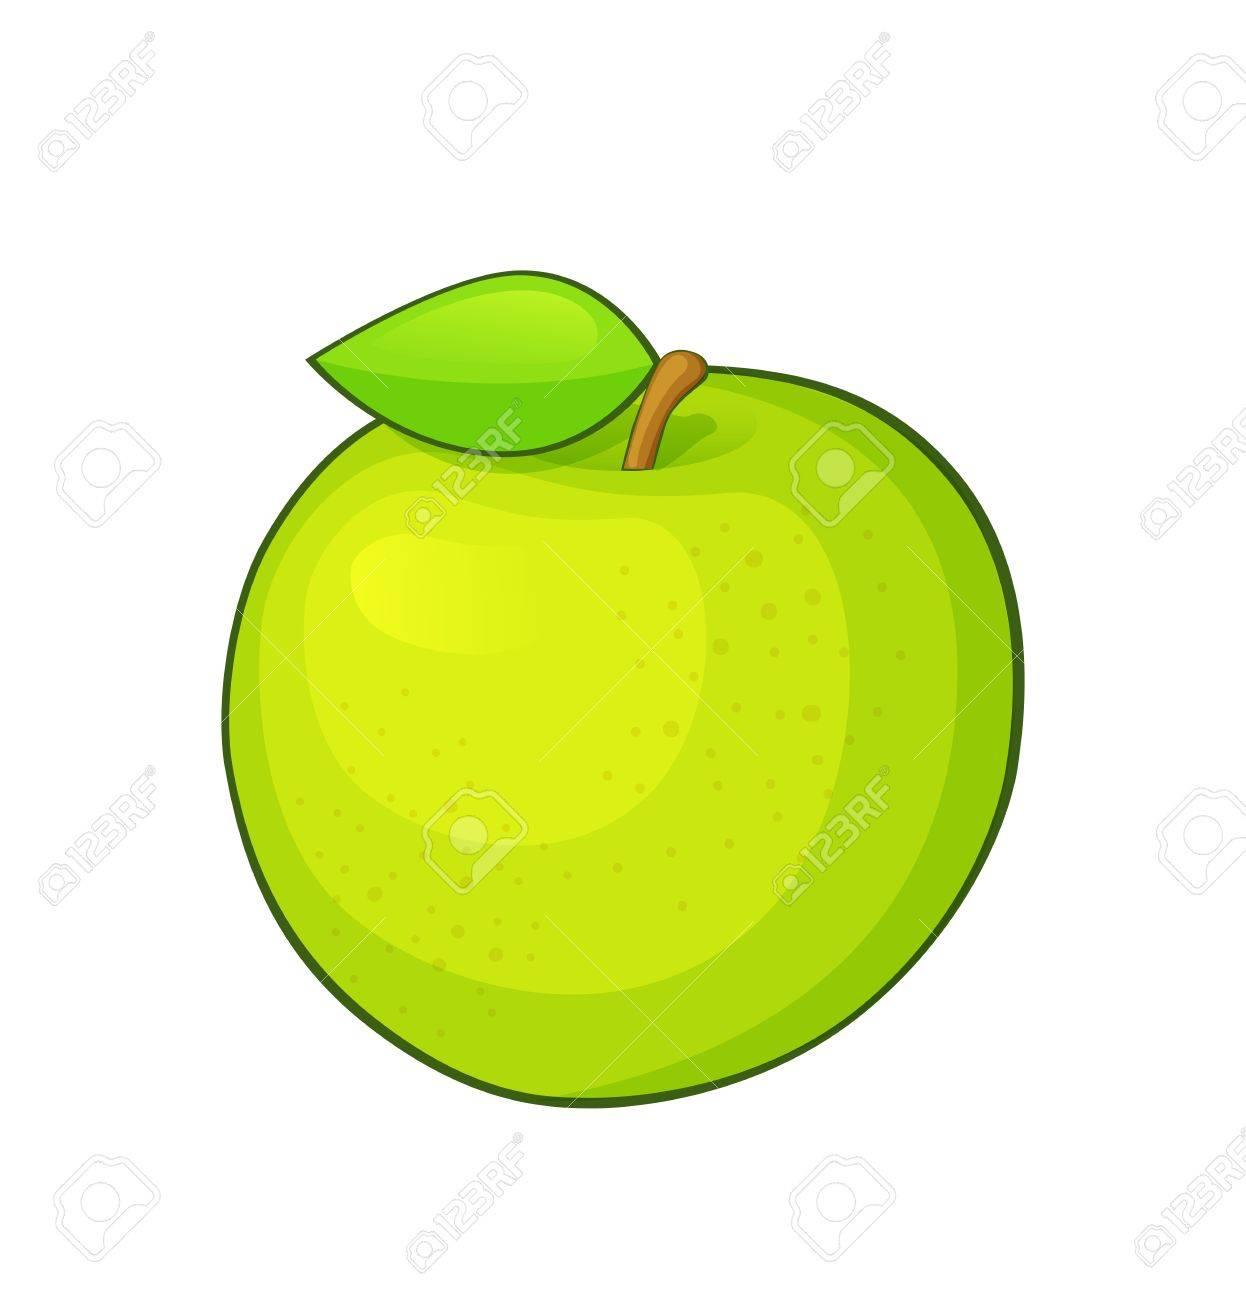 Foto de archivo ilustración de dibujos animados de color verde manzana  madura jpg 1246x1300 Imagenes en cebc129088a